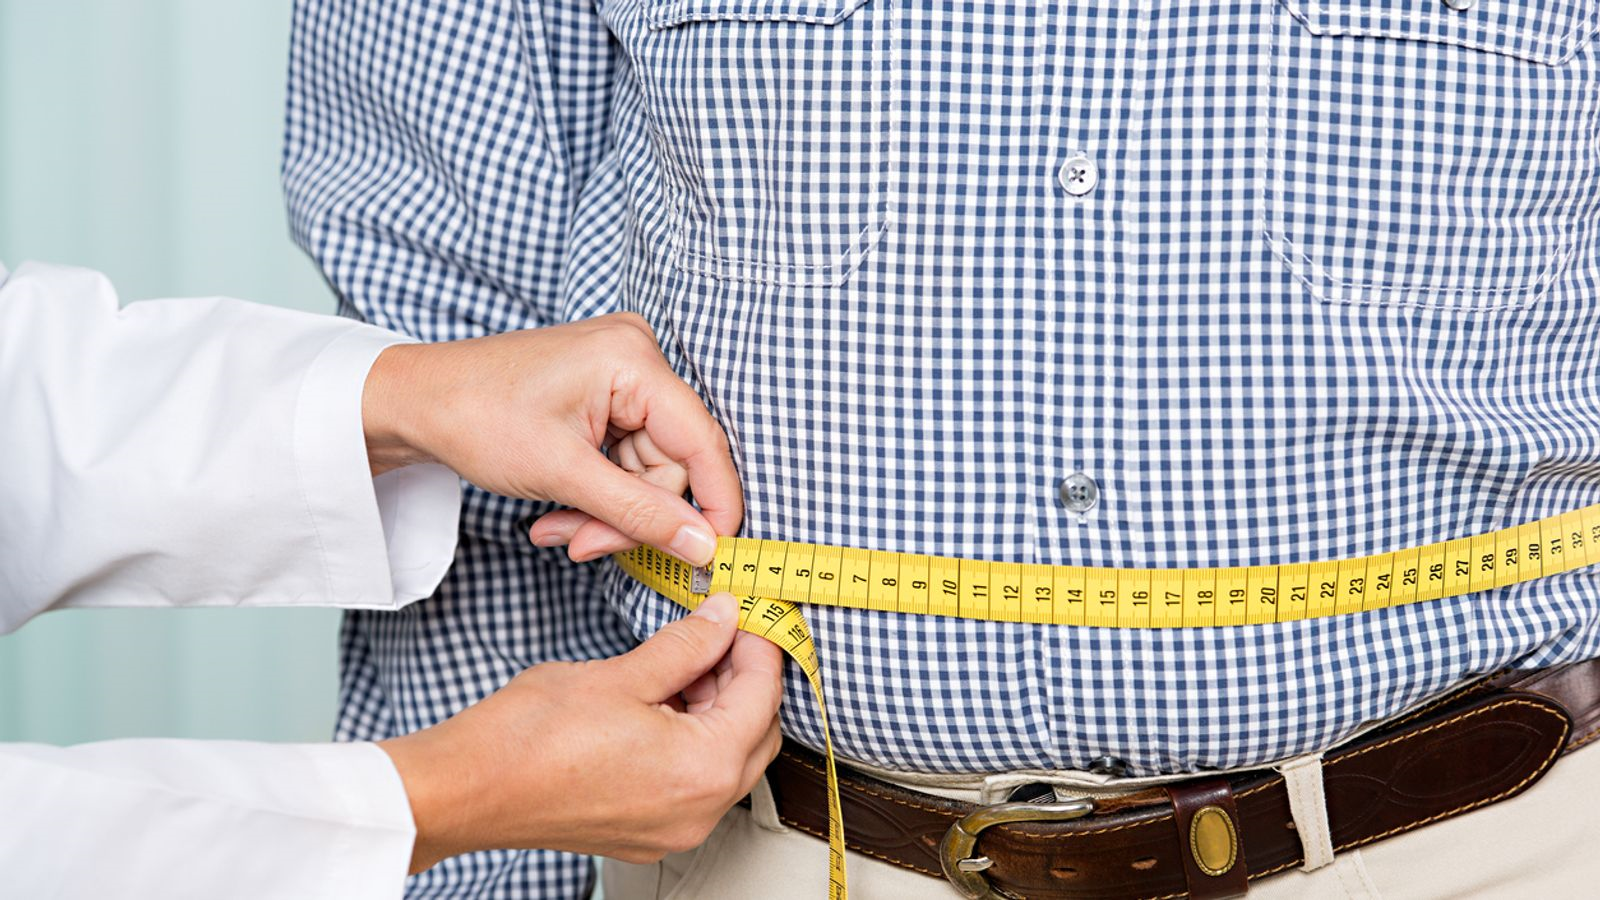 درمان رفتاری در مواجهه با اضافه وزن